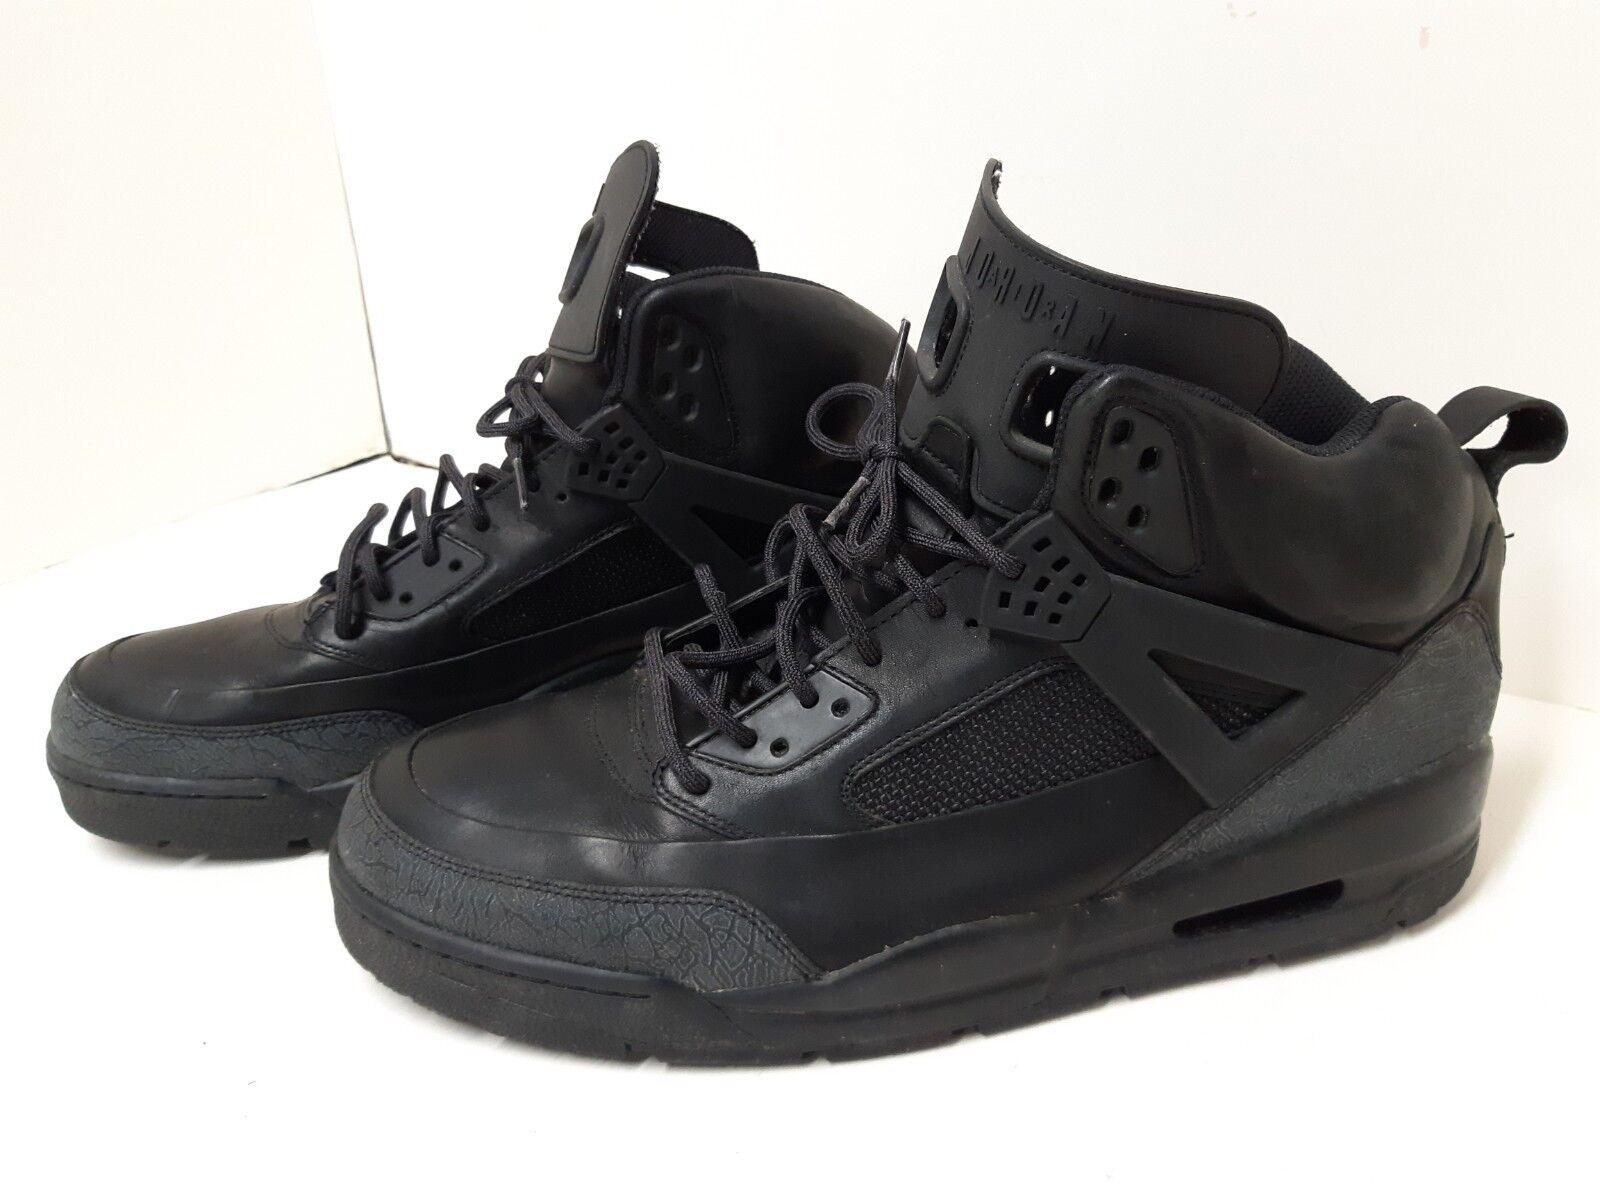 Nike Jordan Winterized Spiz'ike shoes 375356-001 Mens 16 black winter boots